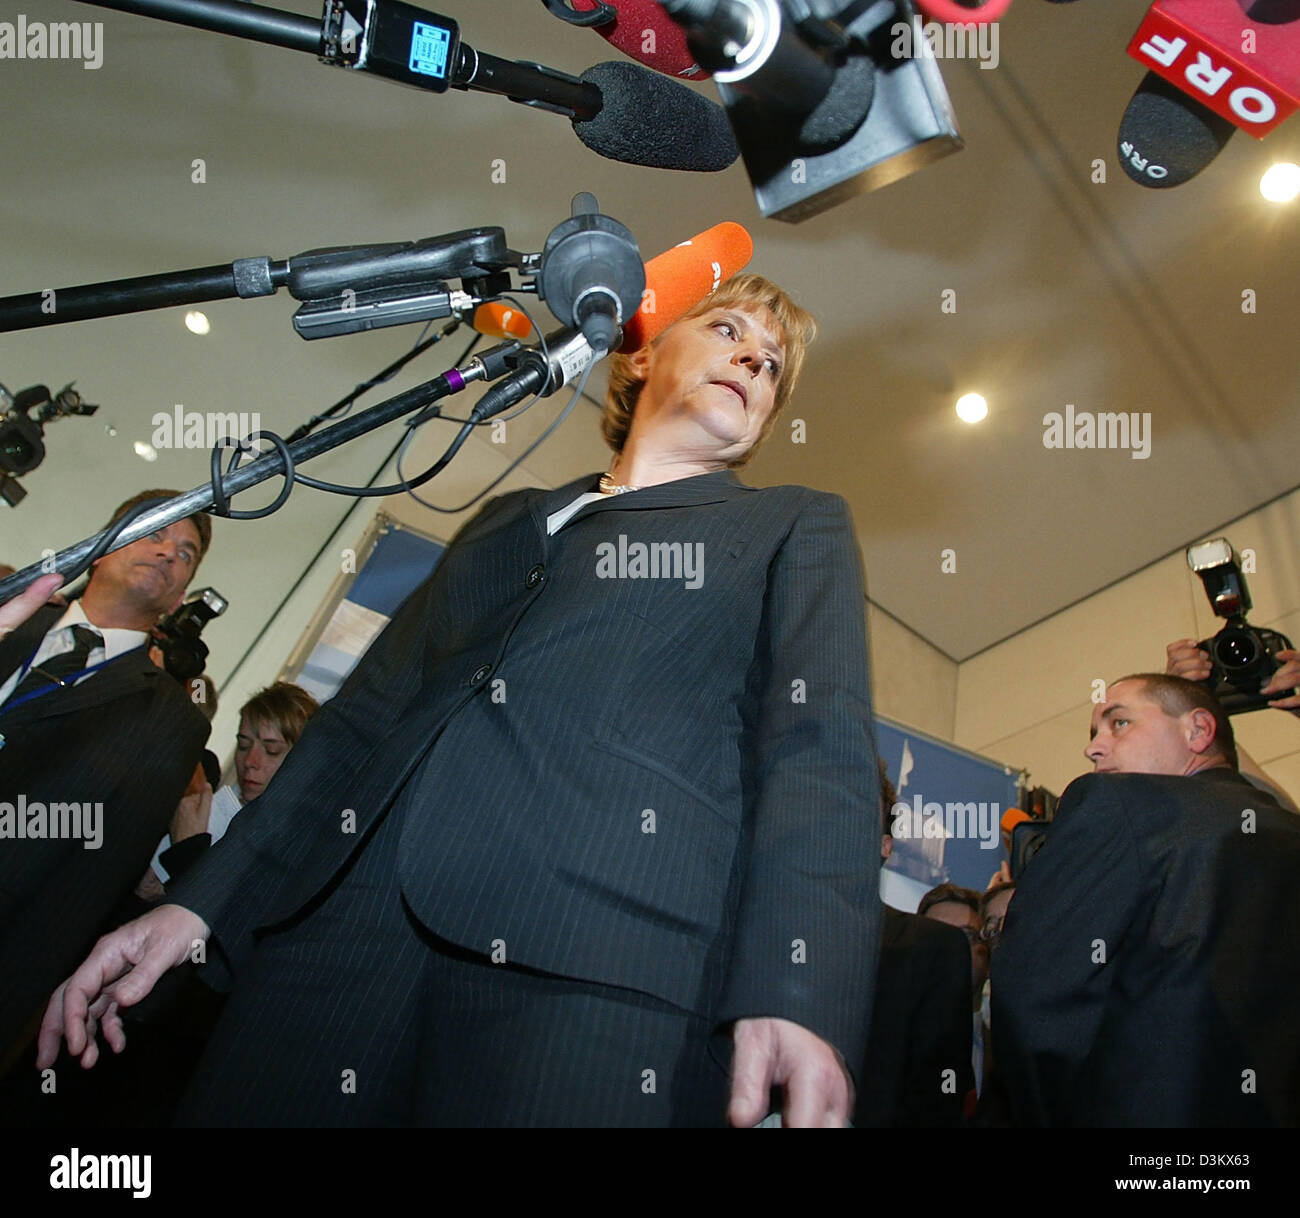 (Dpa) - Angela Merkel (C), Presidentessa della CDU e il cancelliere candidato, stare di fronte ad un insieme di microfoni nonostante la settimana risultati nelle elezioni generali per il Bundestag tedesco, Merkel è stato rieletto dal suo partito come la presidentessa della CDU/CSU fazione con una schiacciante maggioranza. Ella ha ricevuto il 98,6 per cento dei voti, segnando il suo miglior risultato finora, che permise Foto Stock